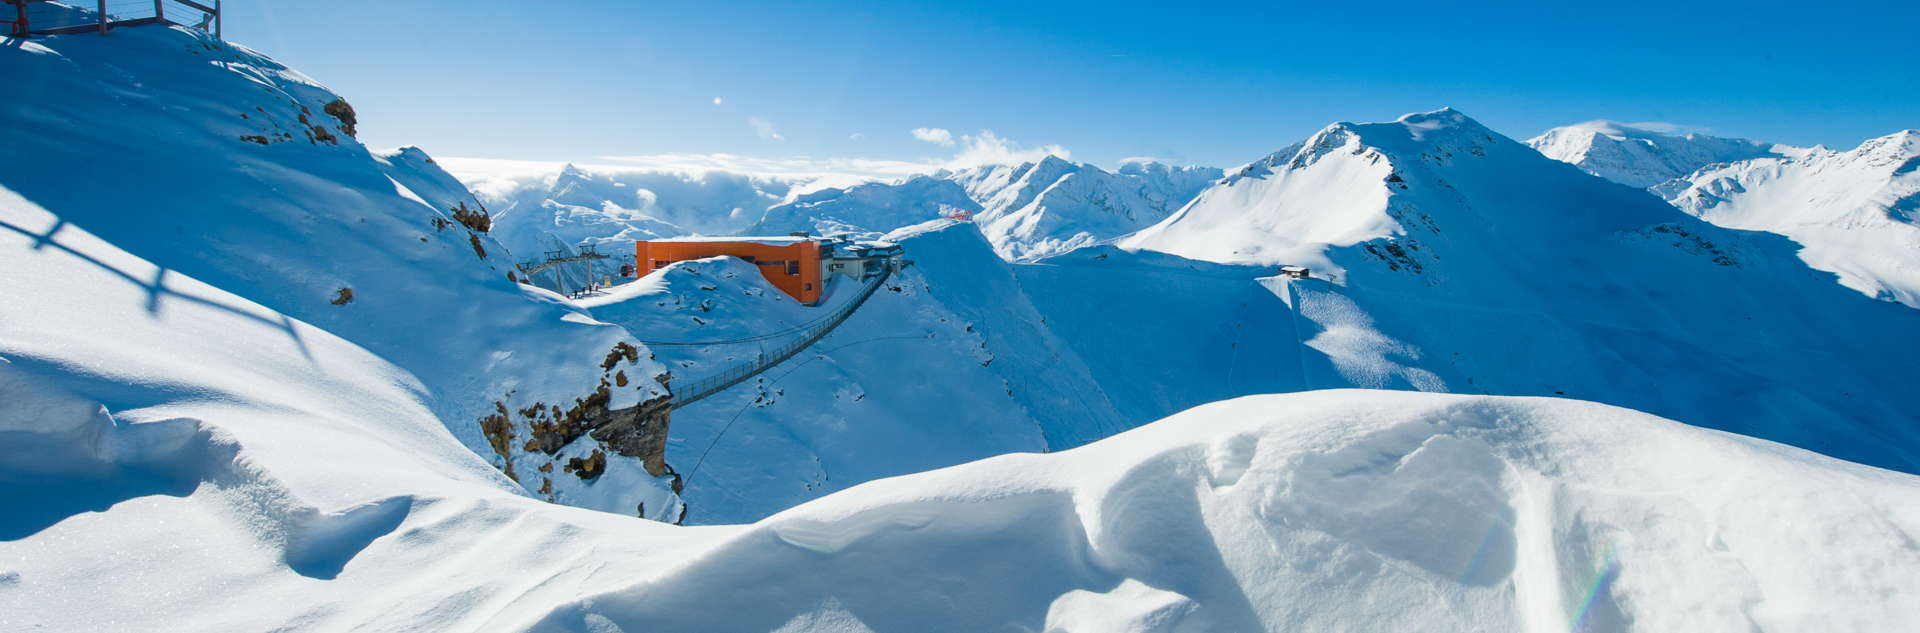 Skidresor Till Bad Gastein Svenskarnas Favorit I Alperna